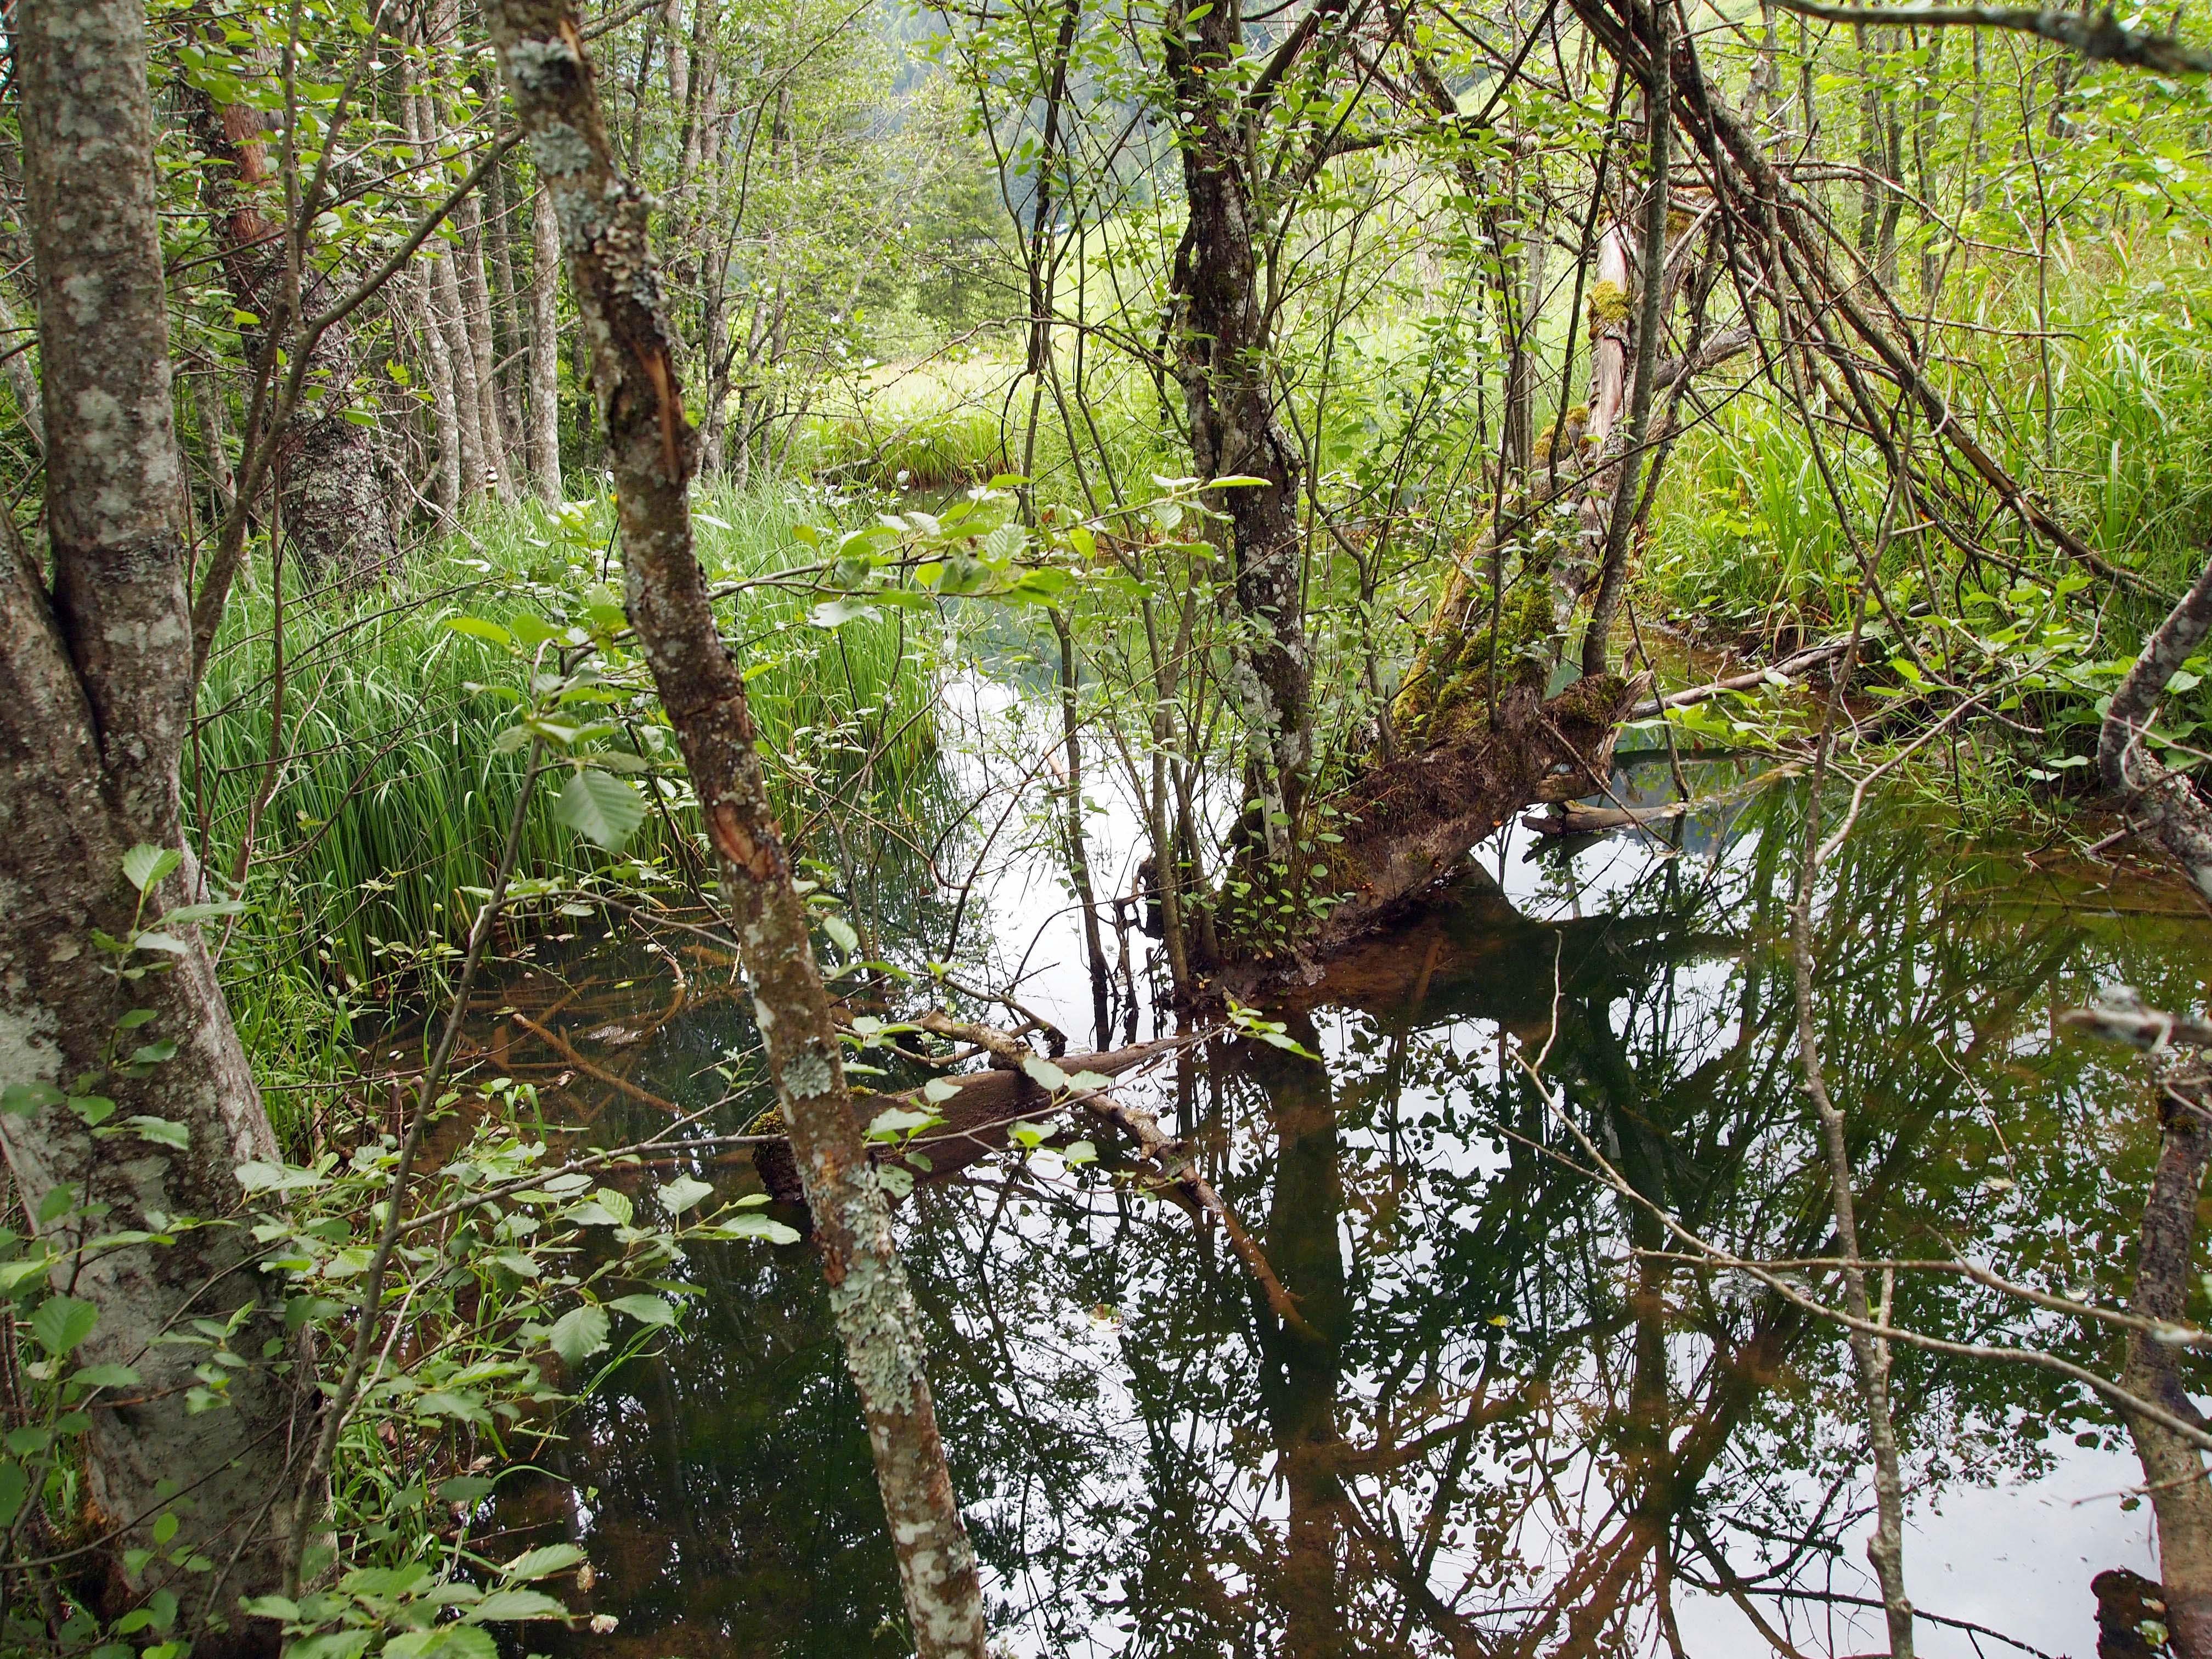 Beitrag zum Erhalt der Naturvielfalt: Land unterstützt Kleinbauern.